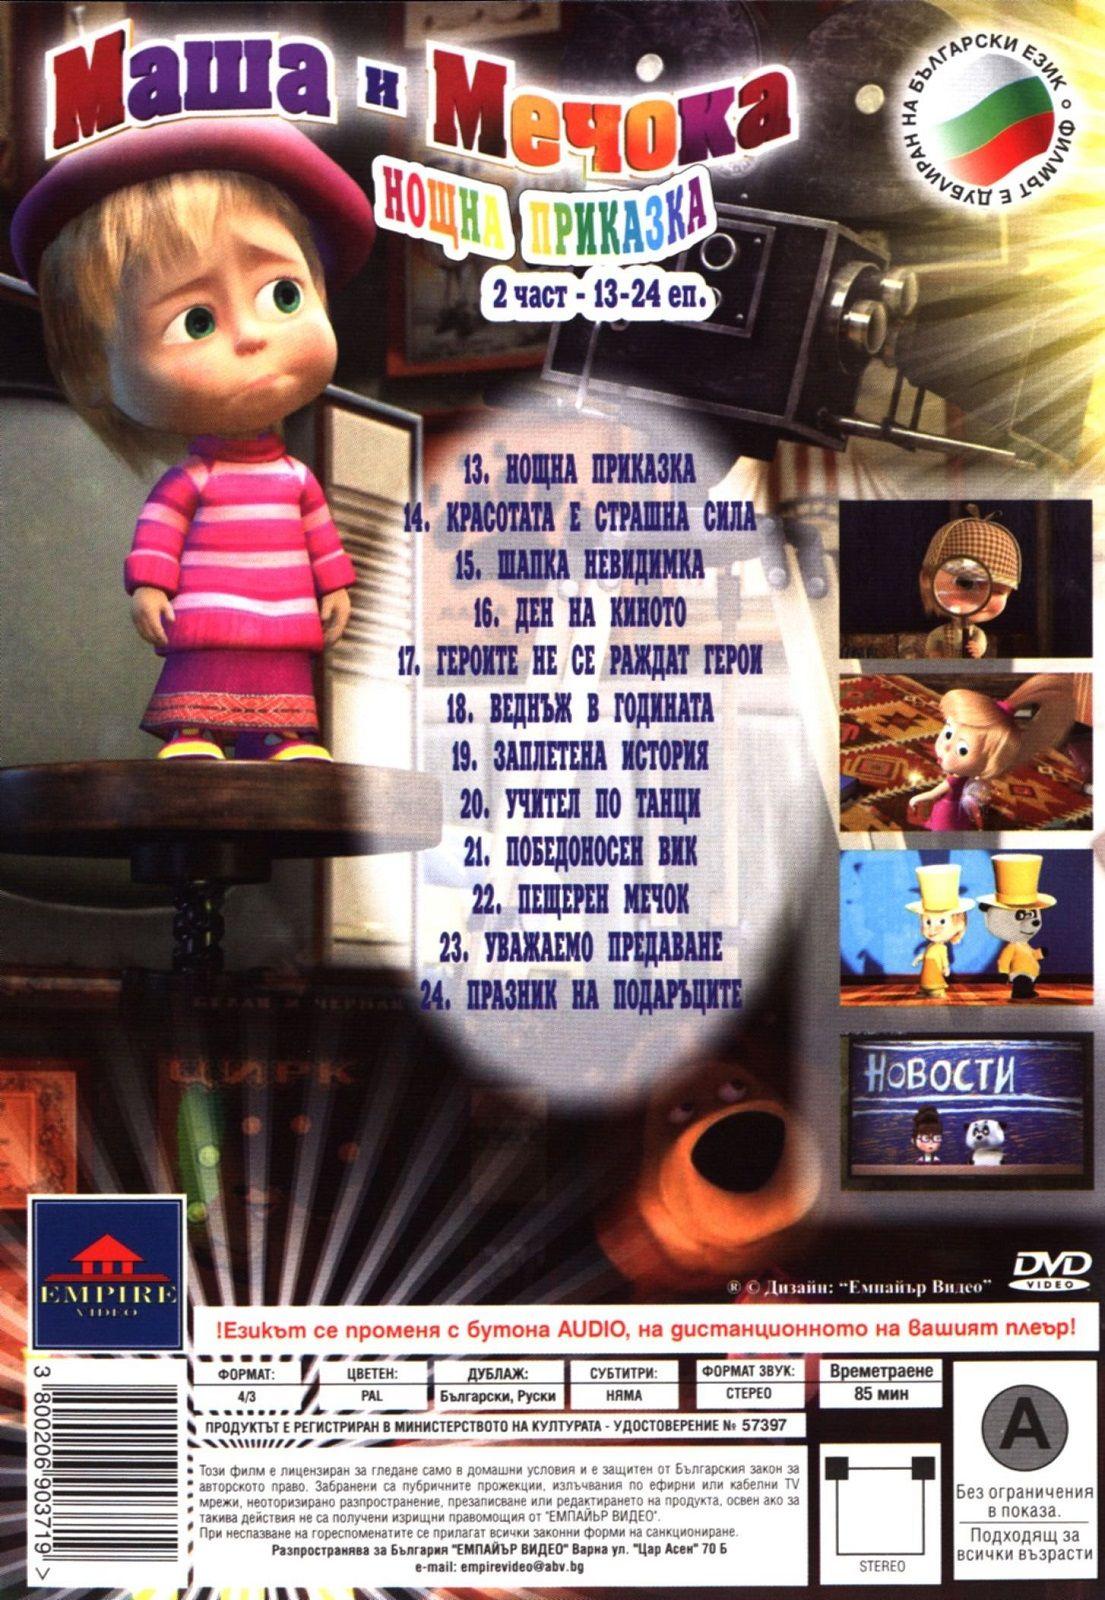 Маша и мечока 2: Нощна приказка (DVD) - 2